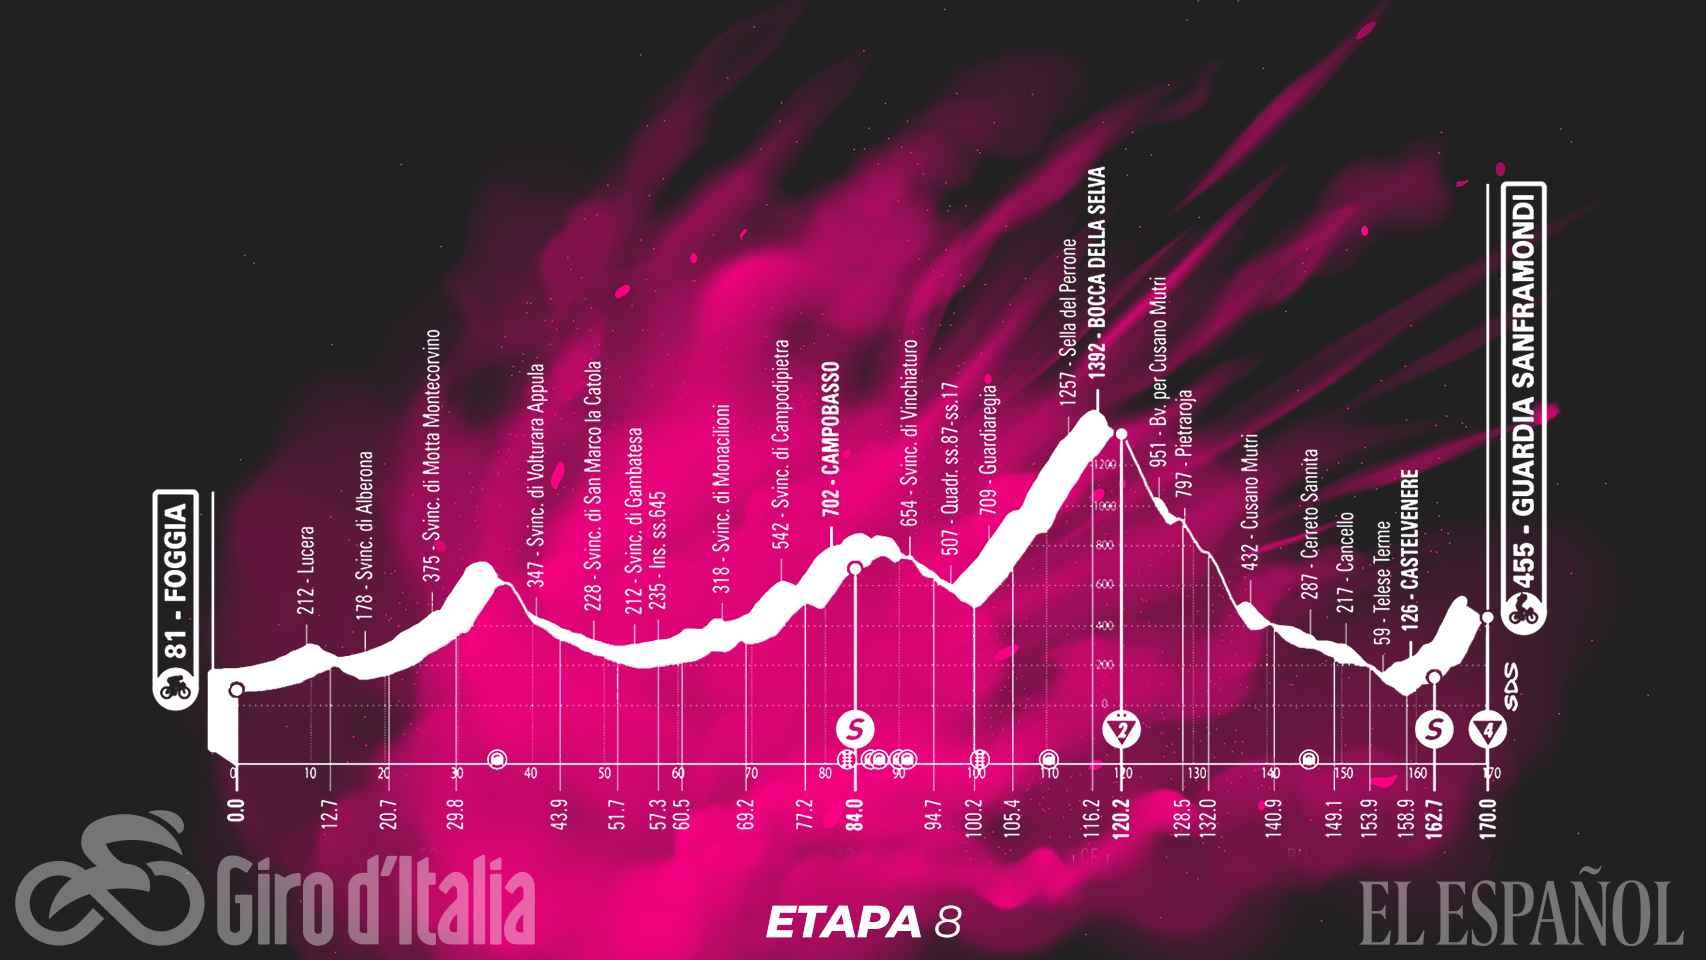 Etapa 8 (sábado 15 de mayo): Foggia - Guardia Sanframondi | 170 kilómetros